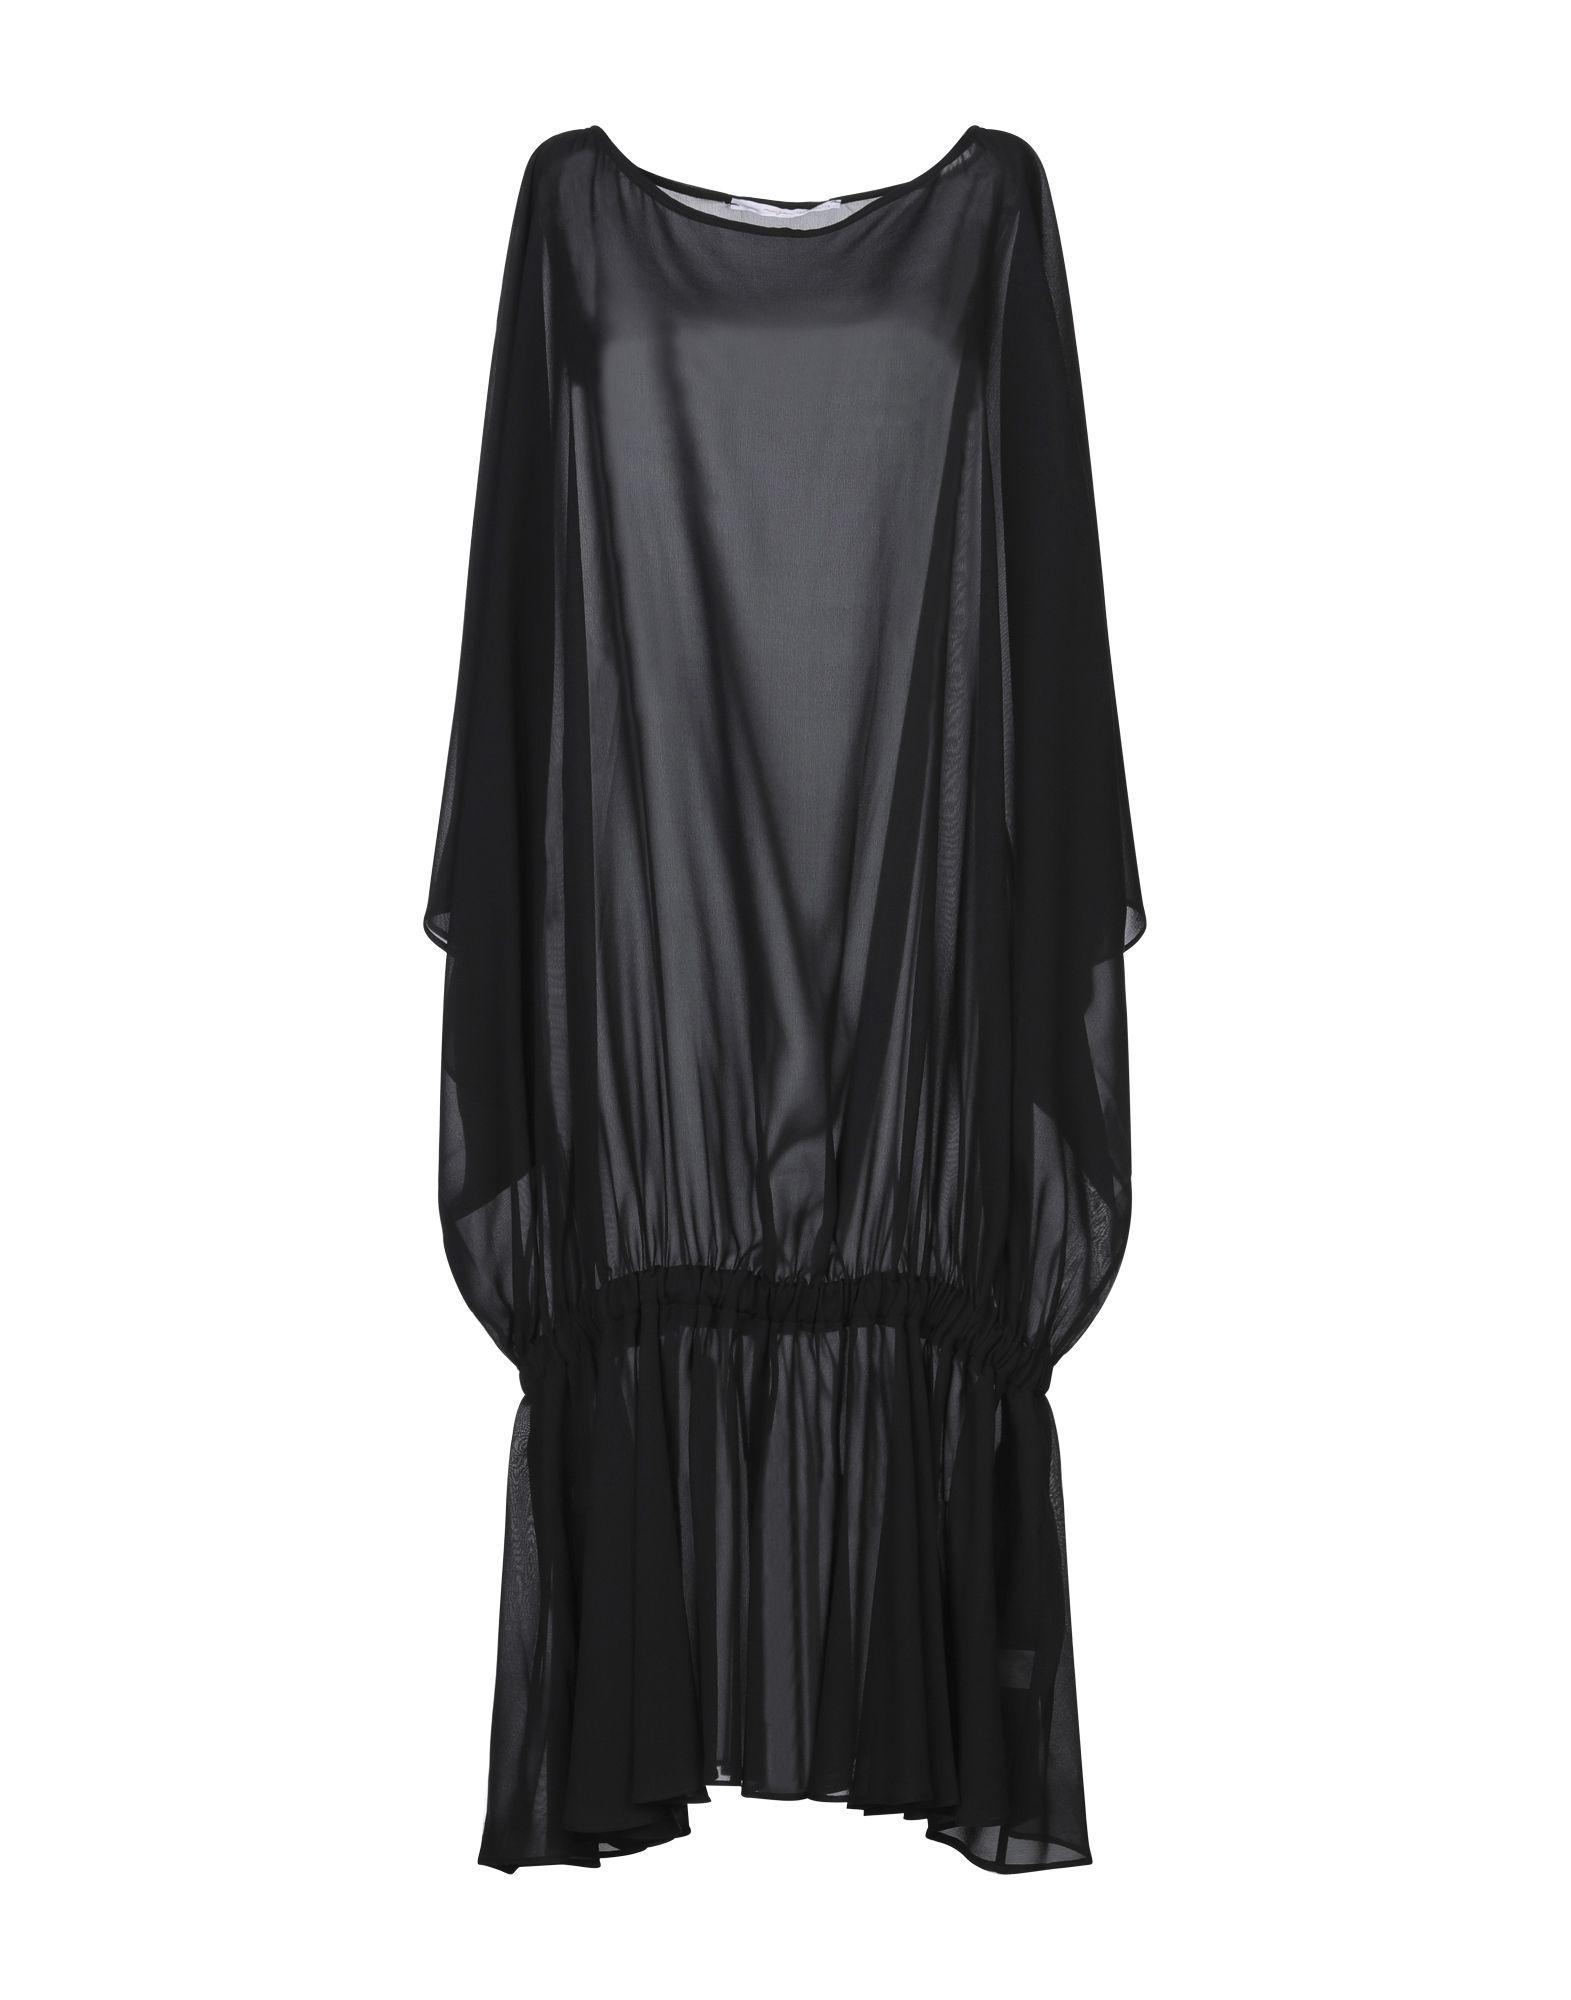 MAISON LAVINIATURRA Платье длиной 3/4 maison laviniaturra платье до колена